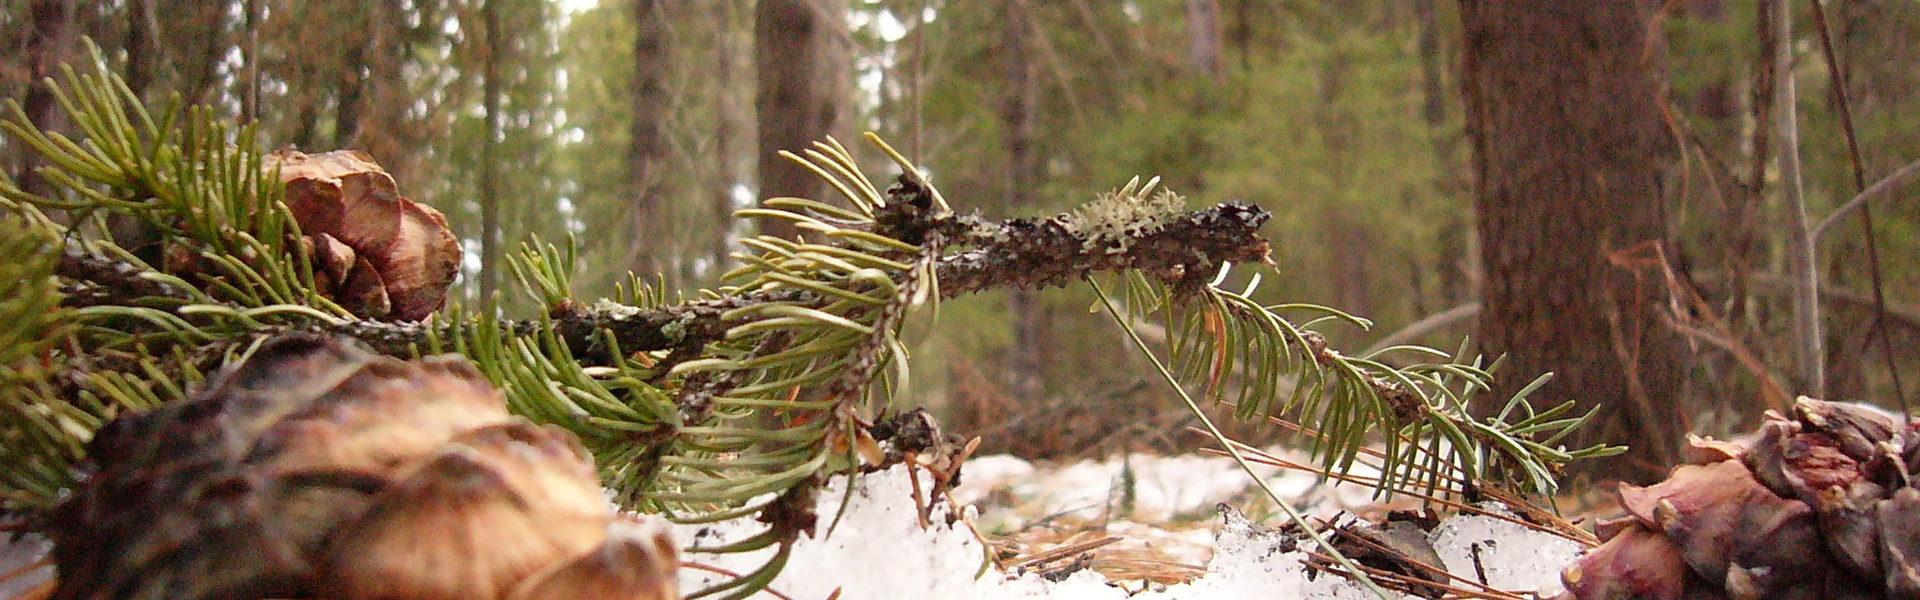 Сибирский лес в Томске отдали Китаю